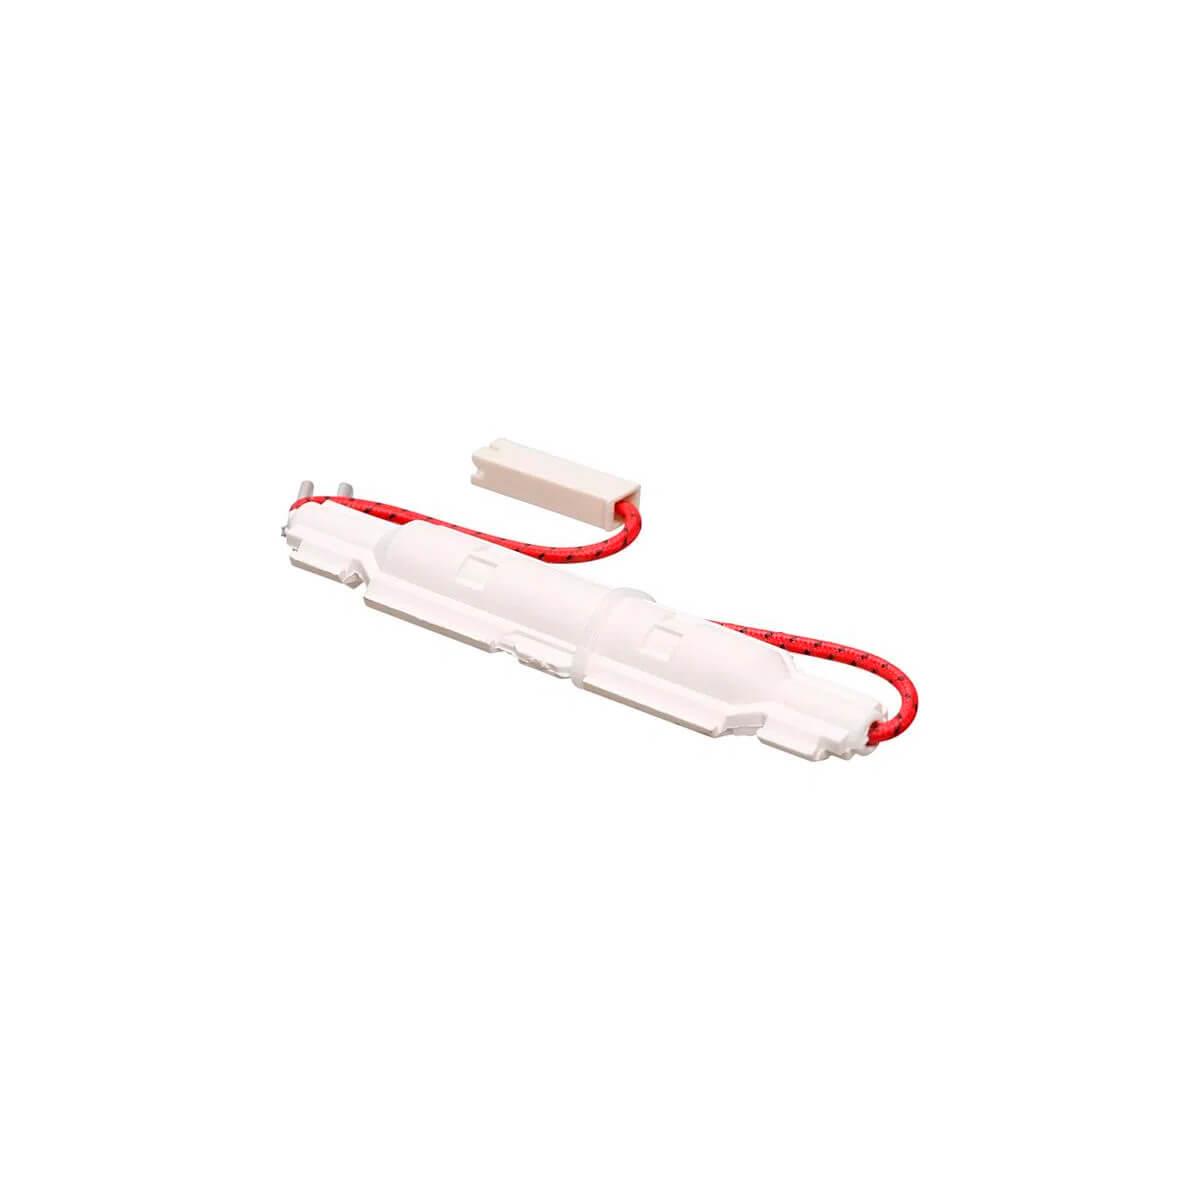 Fusível de Vidro Alta Tensão 10A Micro-ondas 127V Consul - W10563574